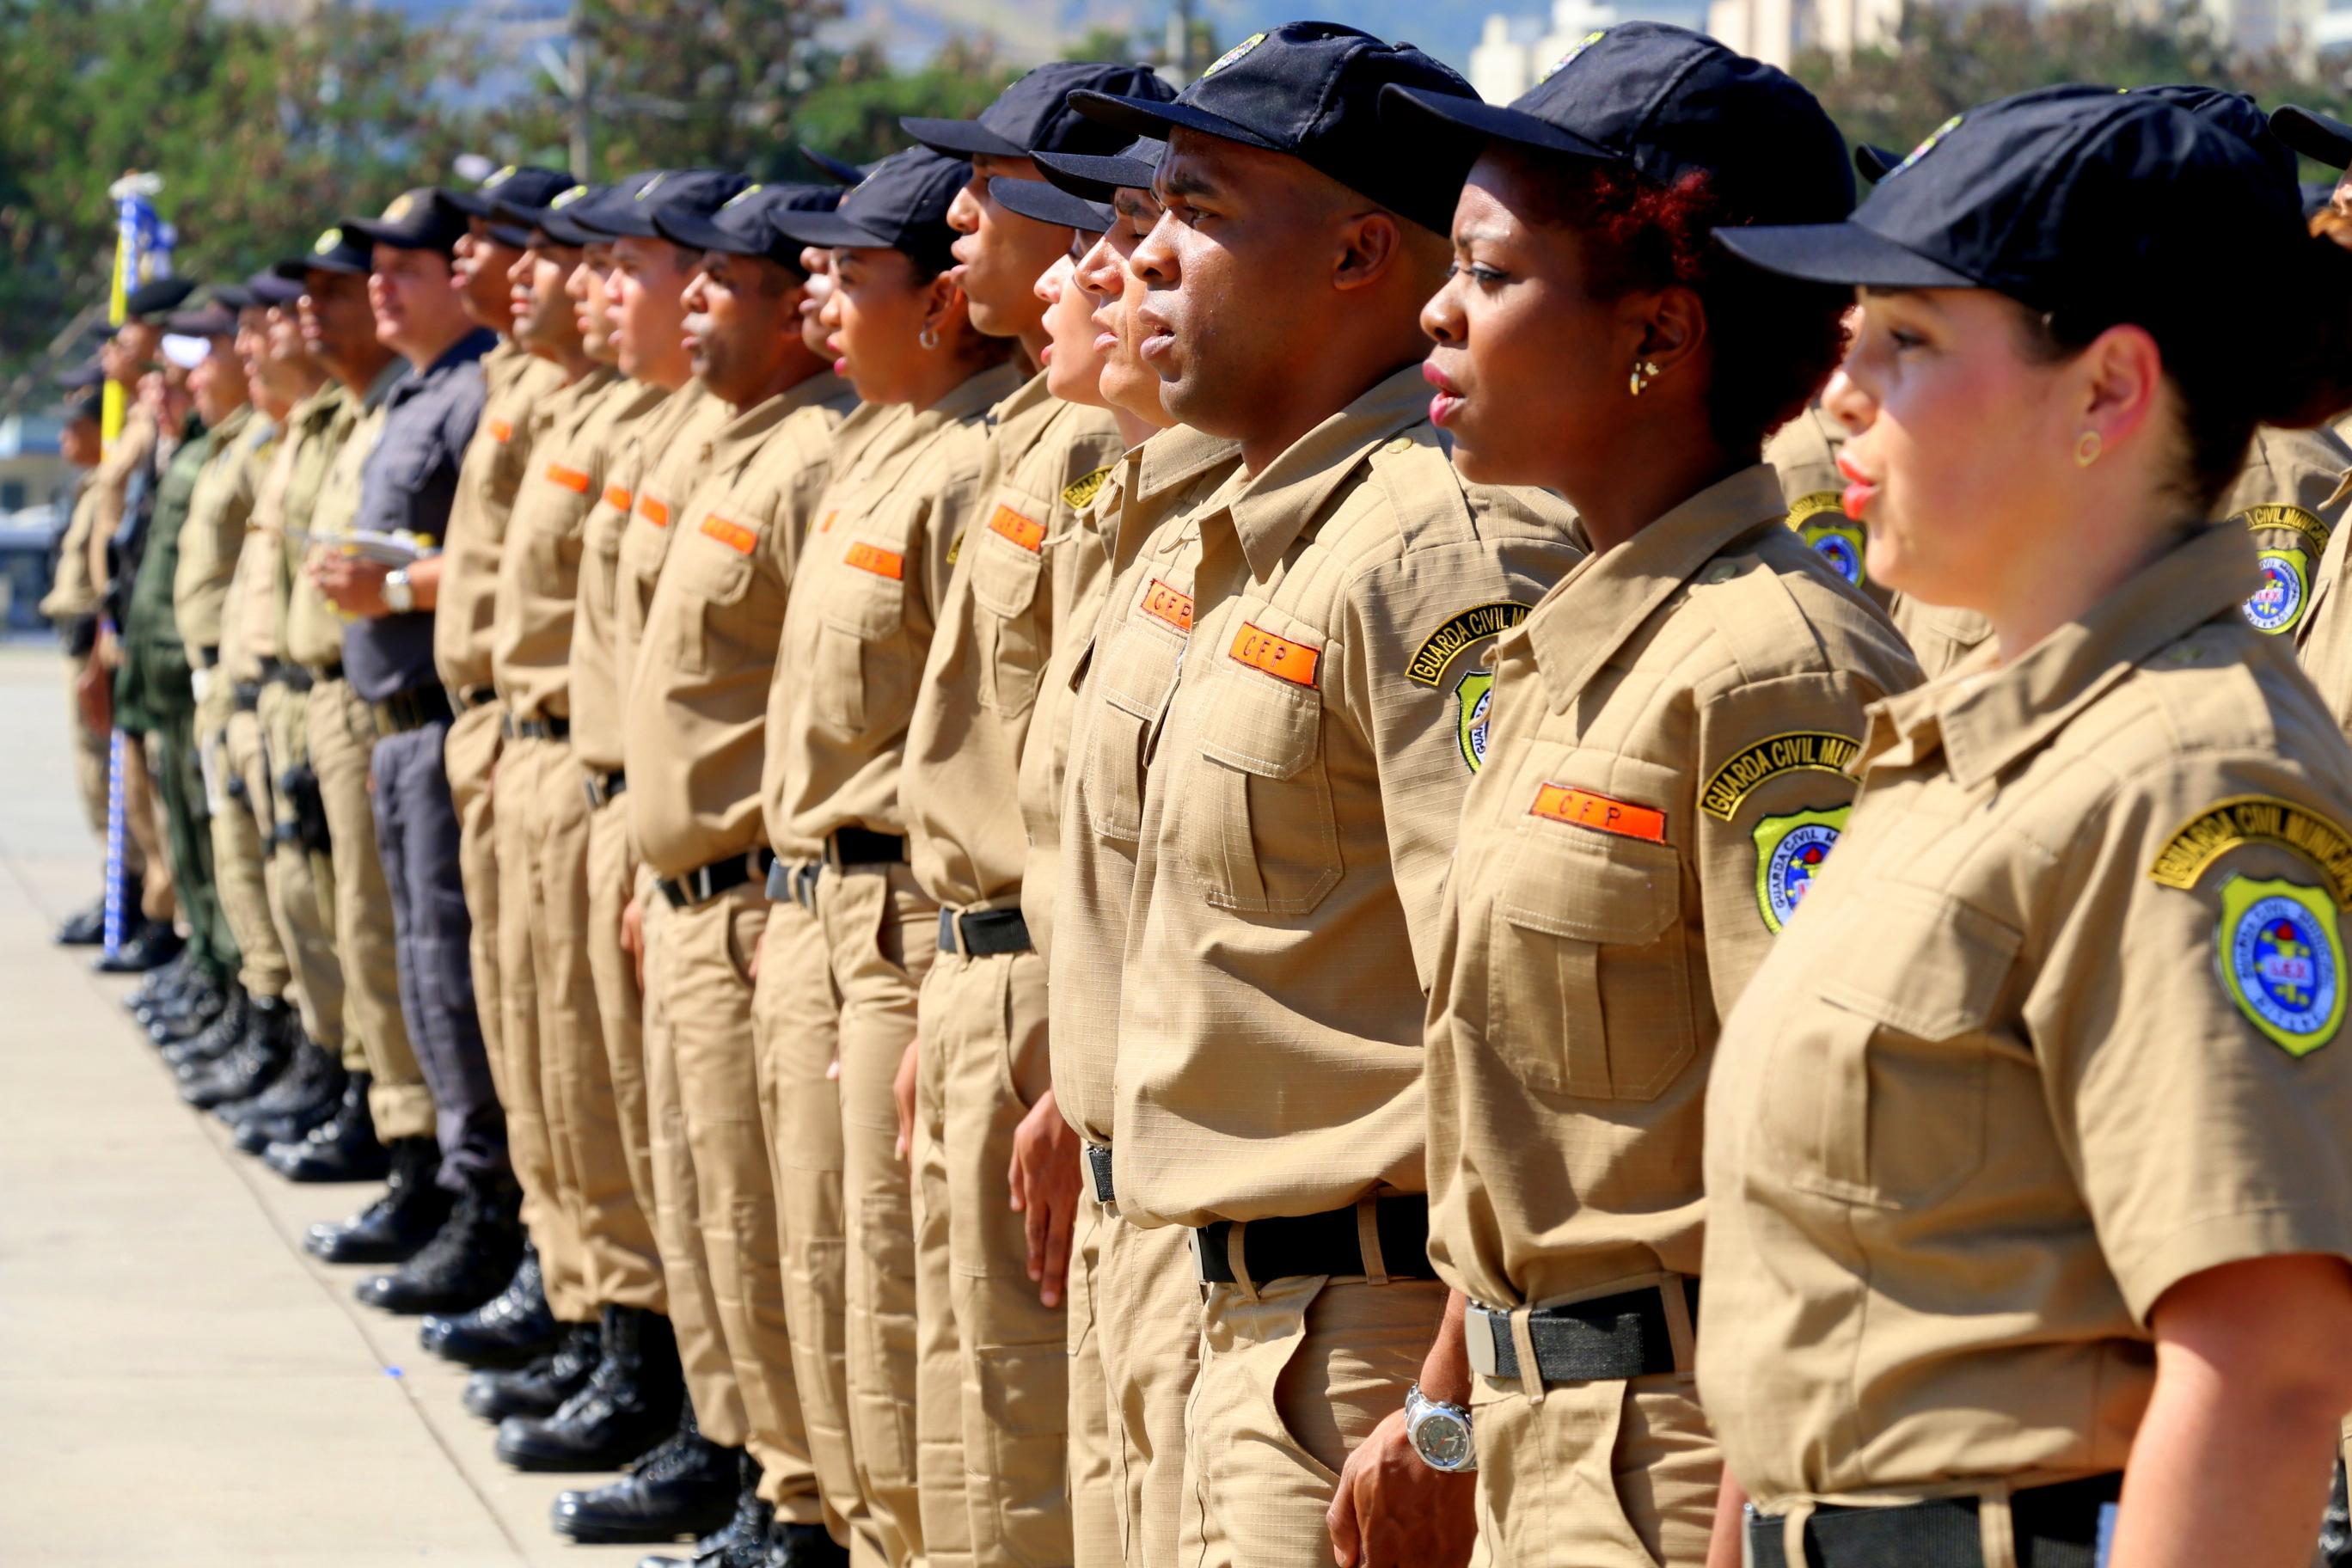 Imagem Saiu Edital Guarda Municipal de Niterói nesta sexta-feira, 18